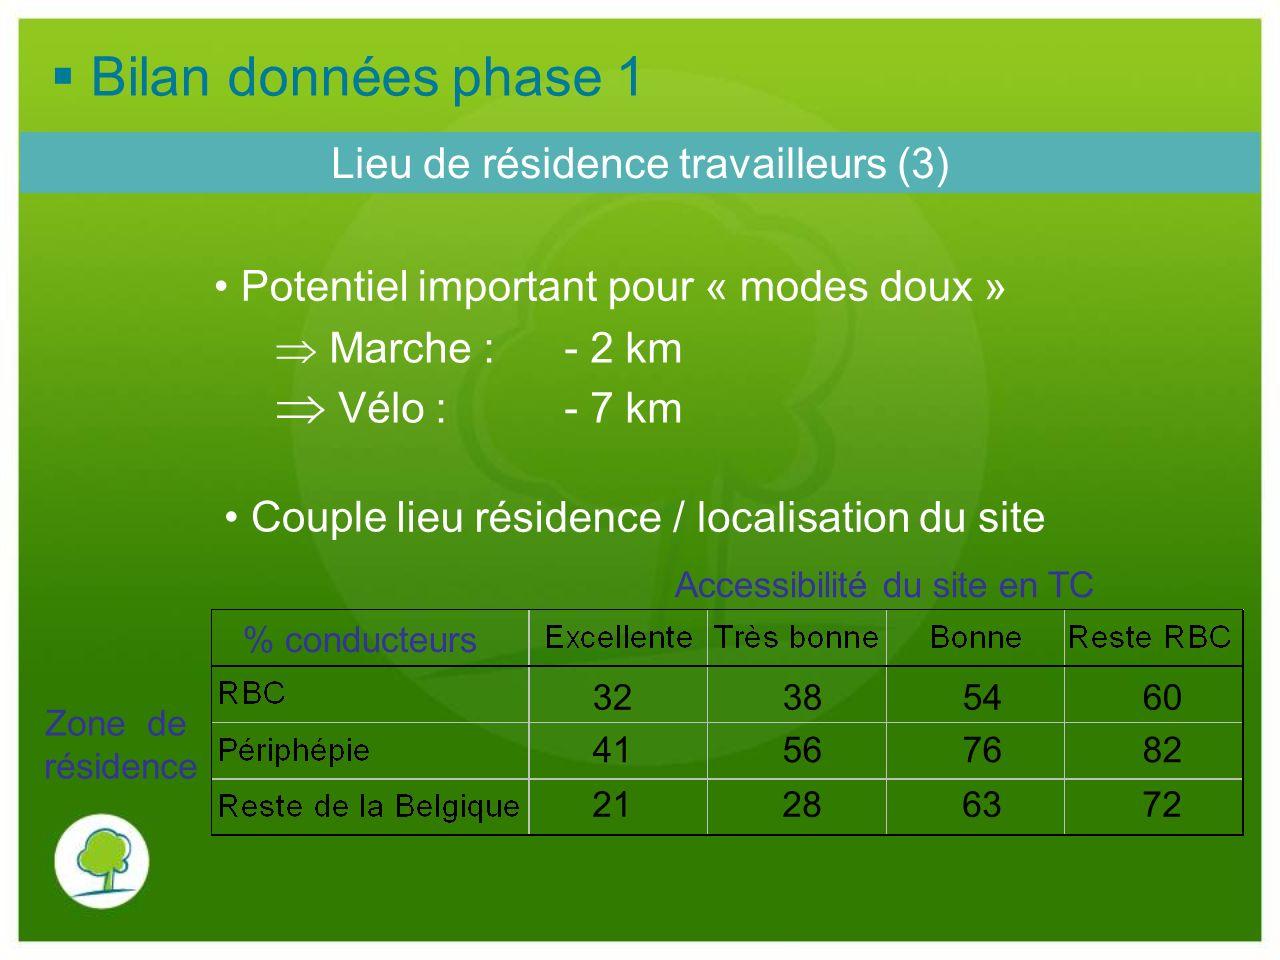 Bilan données phase 1  Vélo : - 7 km